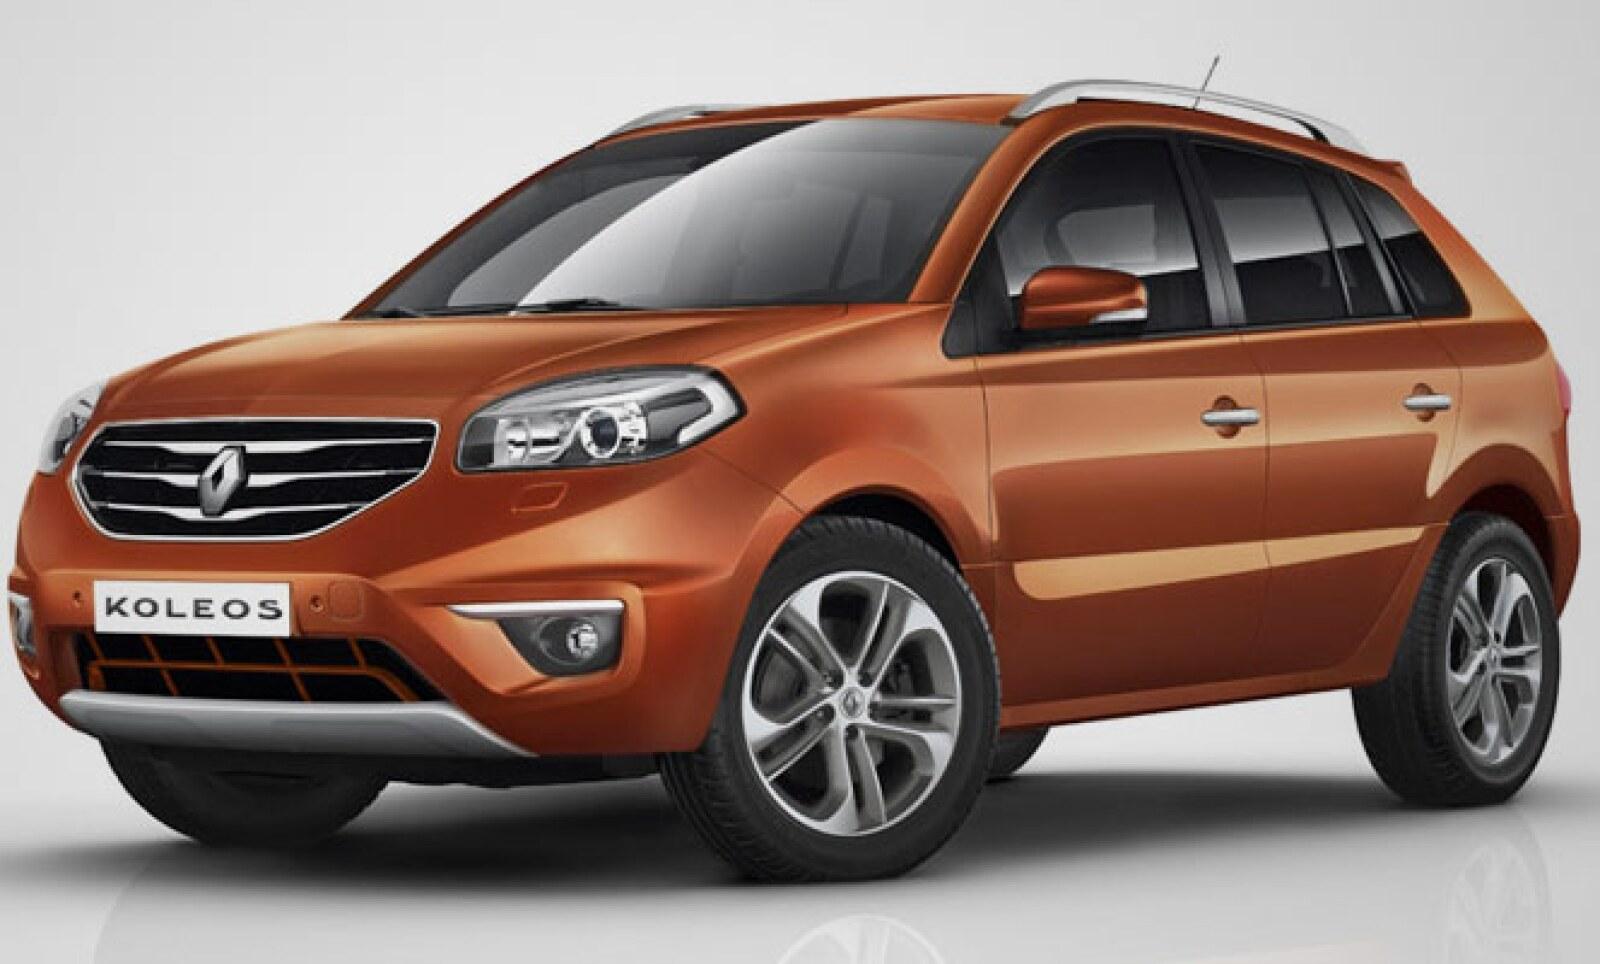 Renault liberó detalles y fotografías del Koleos modelo 2012, el nuevo crossover de la marca que llegará a México a fin de año.